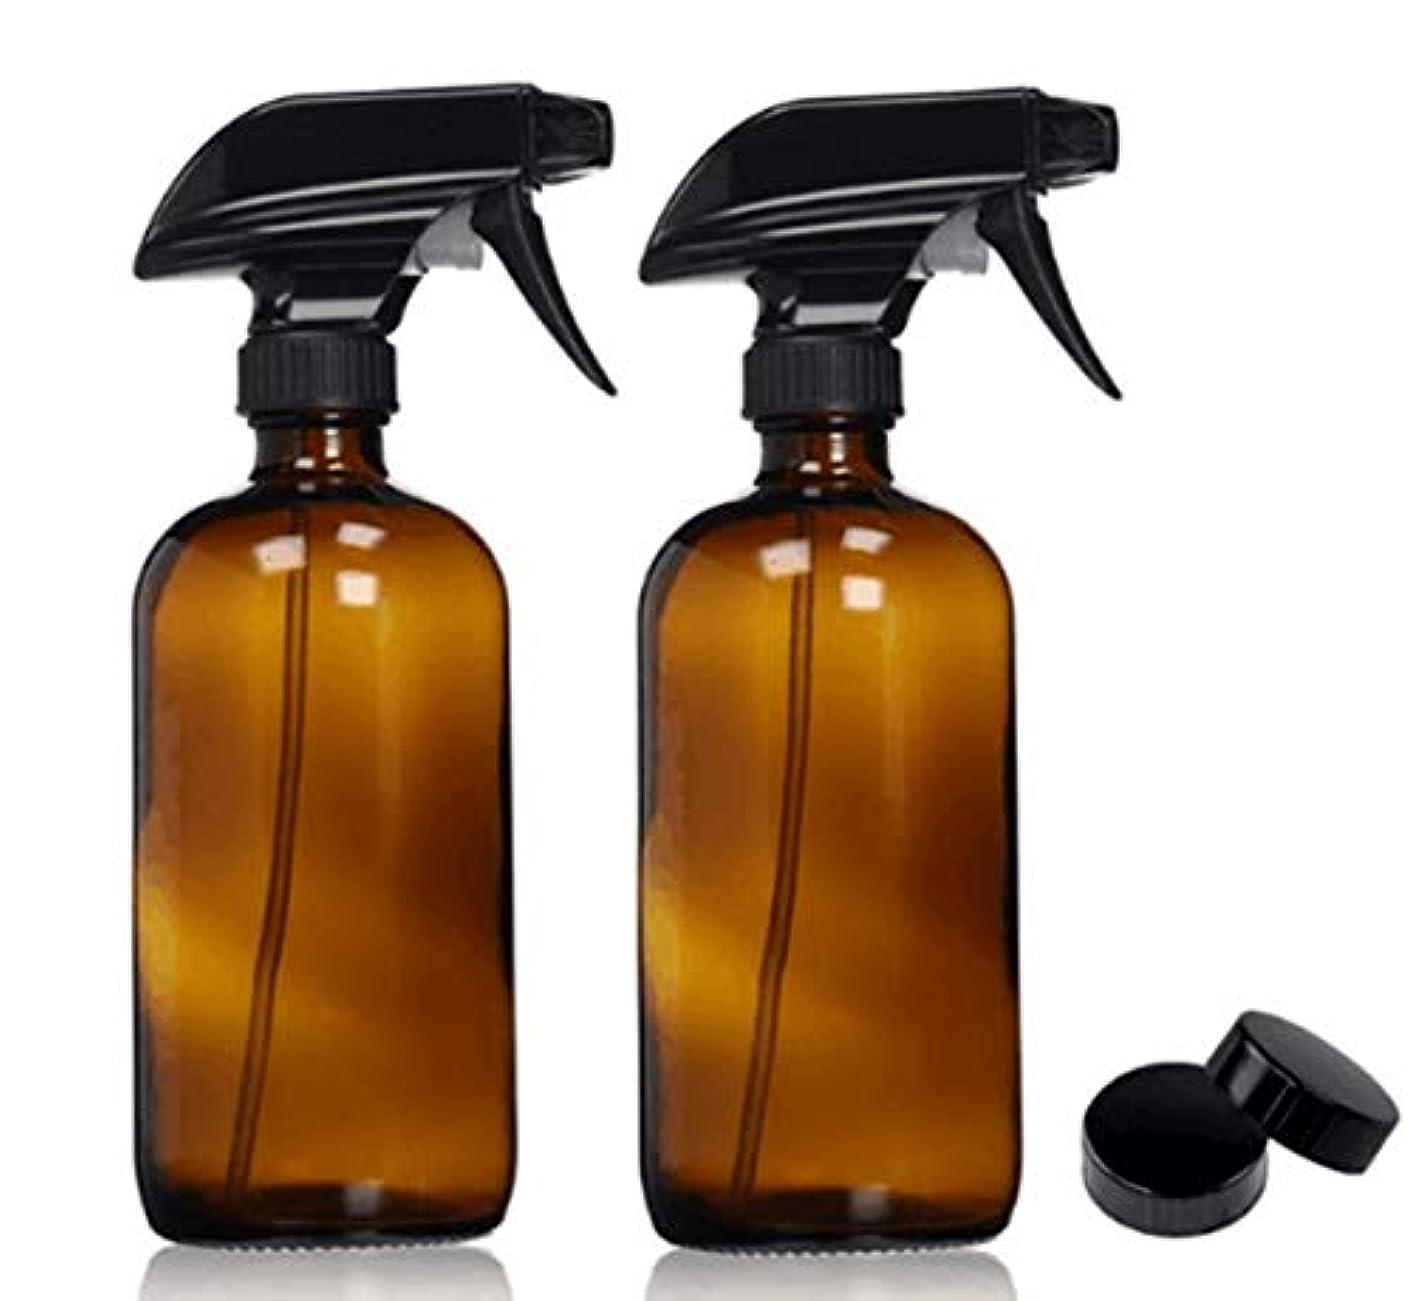 スカーフ第五ポジションTASORE スプレーボトル 遮光スプレー 霧吹き 3個セット 500ml/250ml ボトルキャップ付き 細かいミスト 詰め替え容器 耐久性 家庭用 保湿スプレー 植物水やり